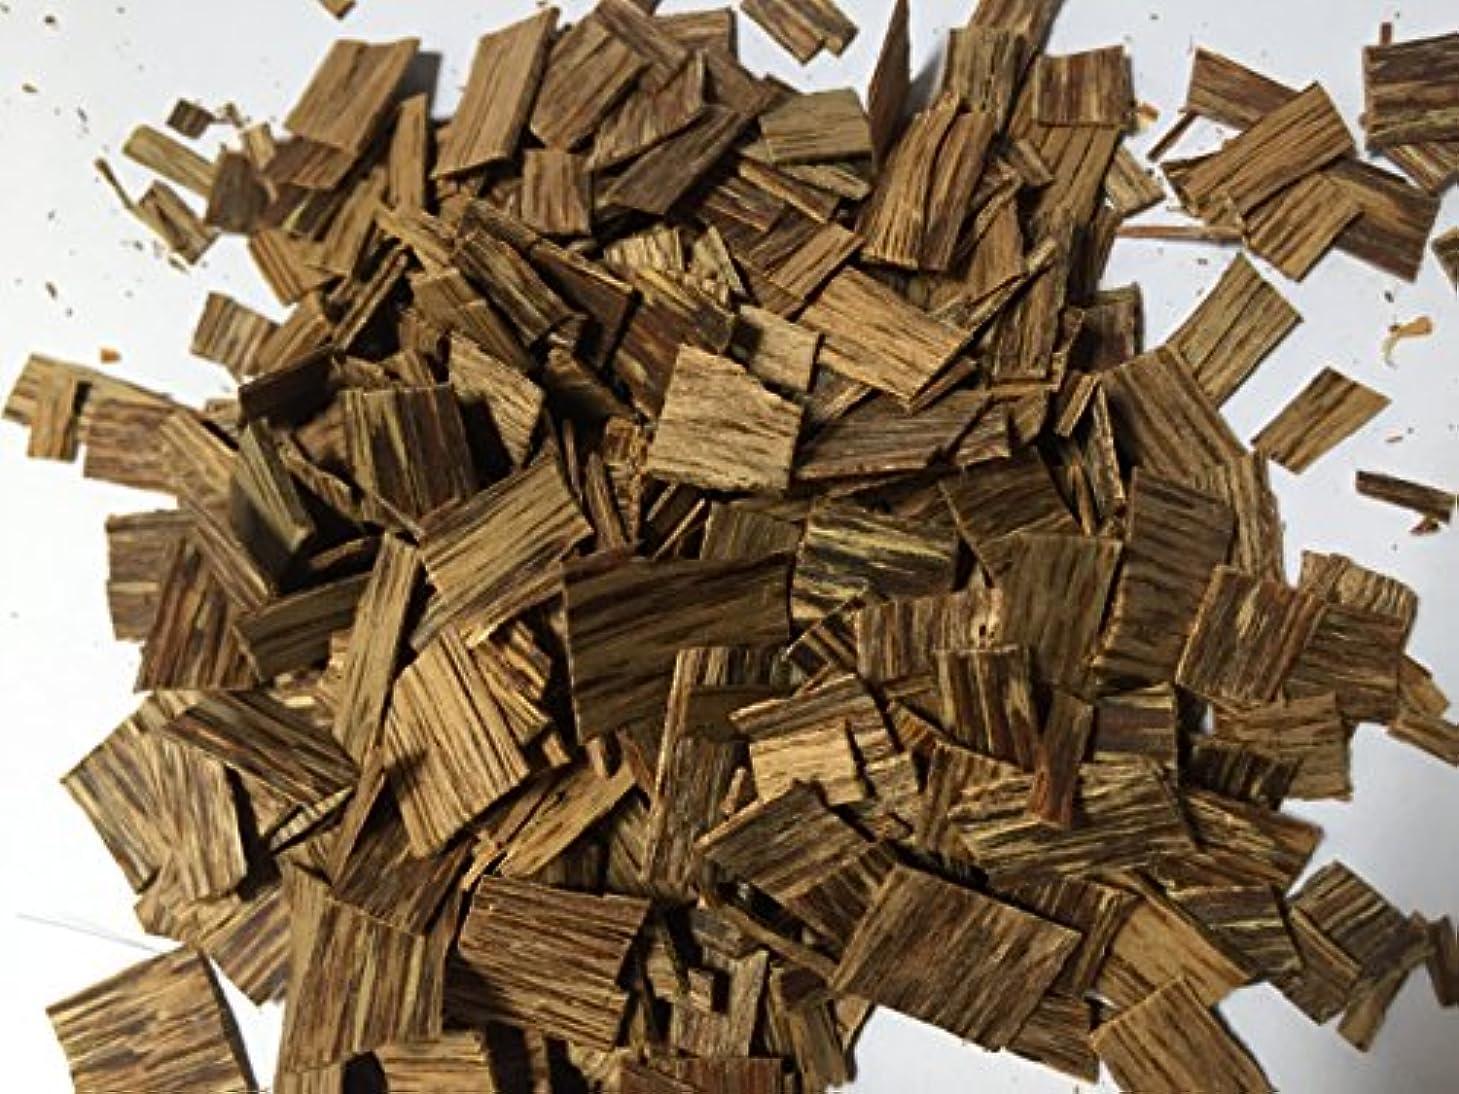 ここにラジエーターもしoudwoodvietnam. Com元Natural Wild Agarwood OudチップGrade A + | 30グラムお香アロマ